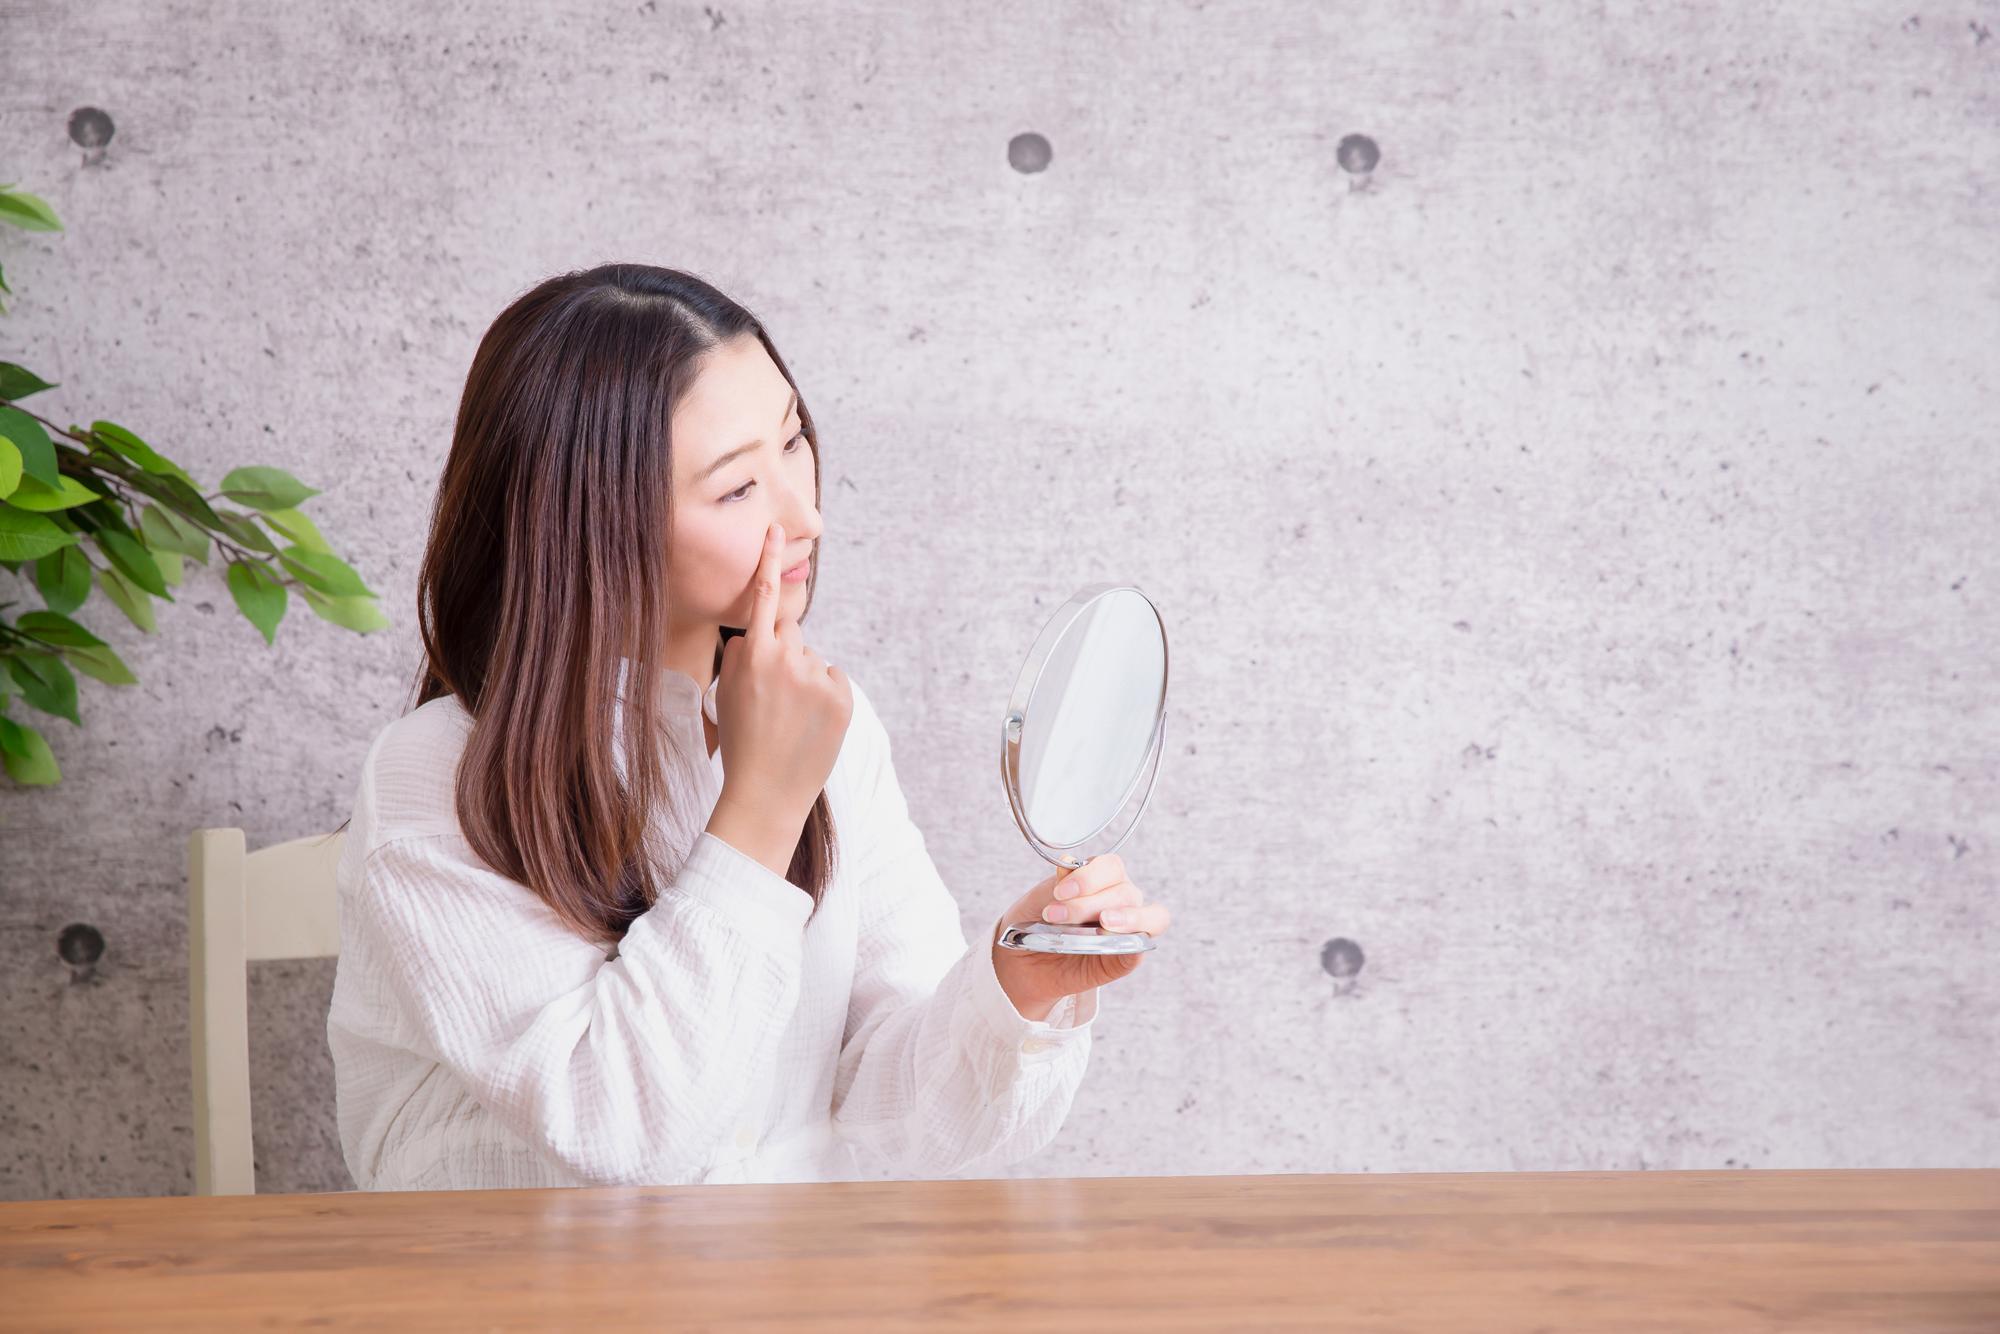 【医師監修】ワセリンで花粉対策ができる!? 効果的な使い方を解説